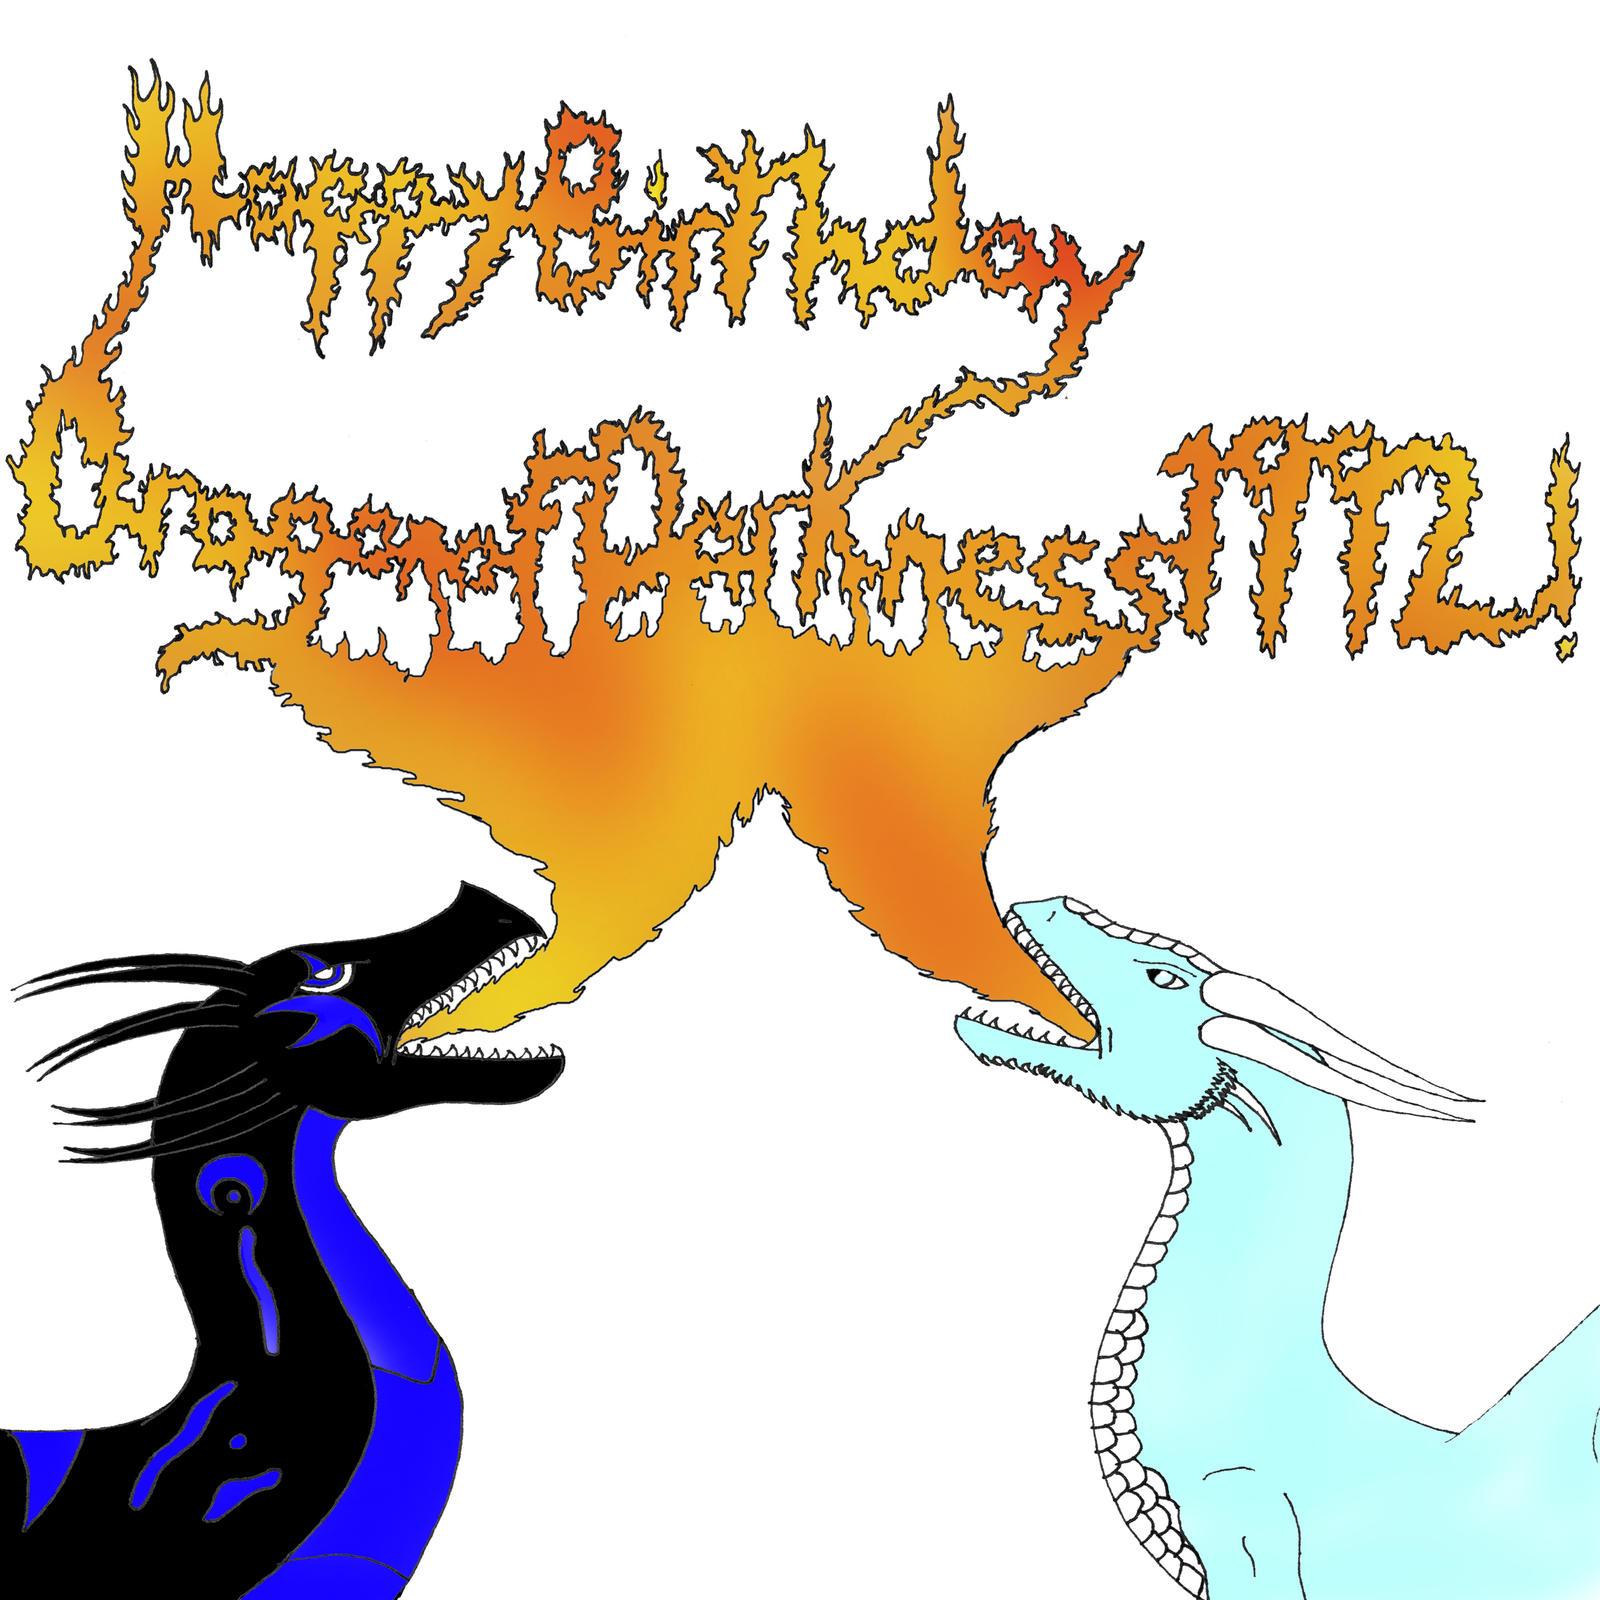 Happy BirthdaY By AvatarRaptor On DeviantArt